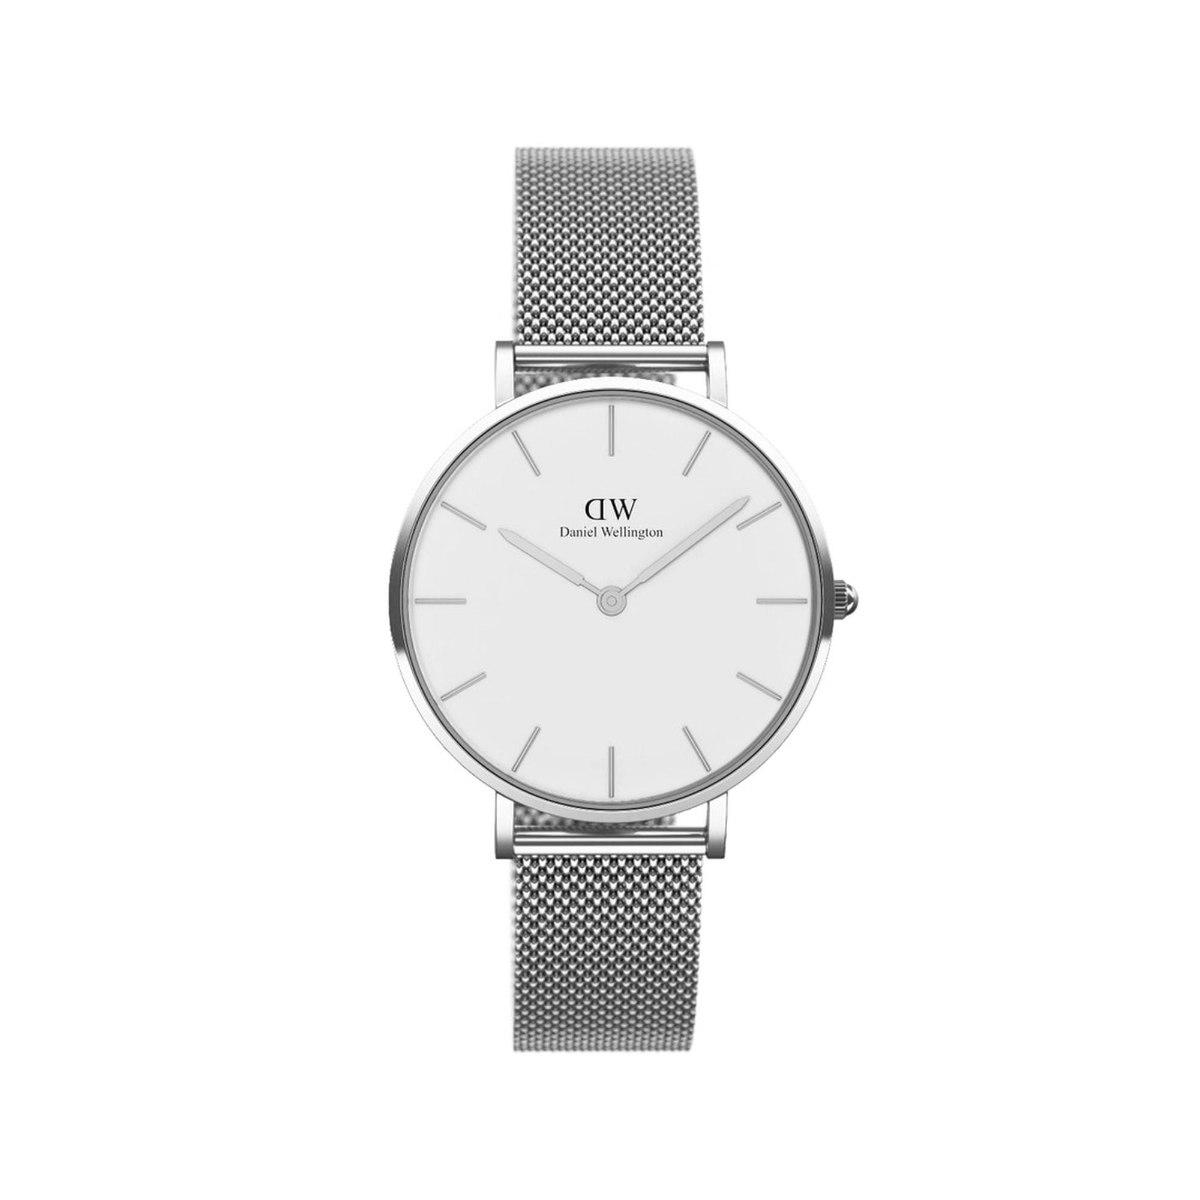 שעון יד Daniel Wellington- דניאל וולינגטון דגם  DW00100164